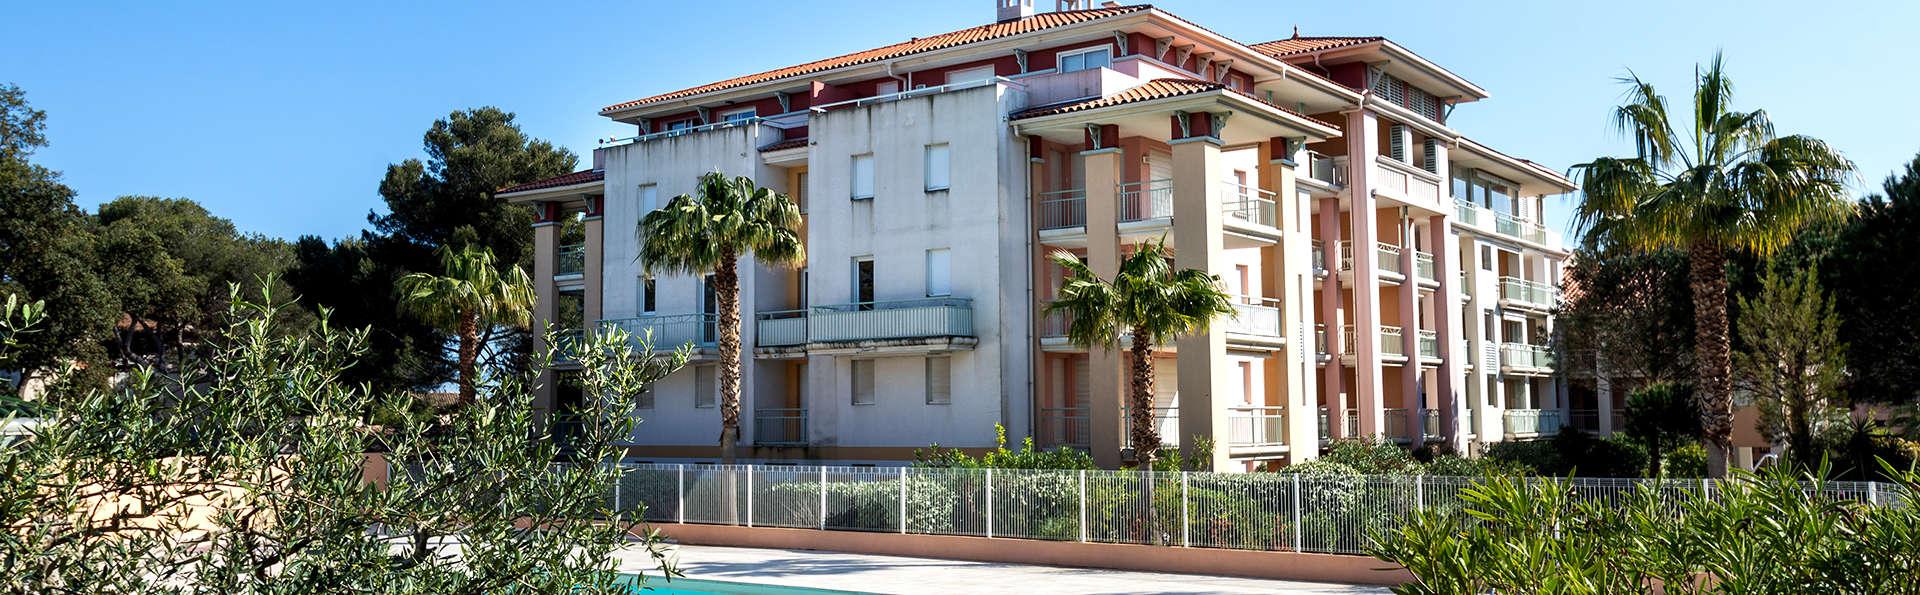 Coralia By Vacancéole Résidence Les Calanques du Parc - Edit_Front.jpg